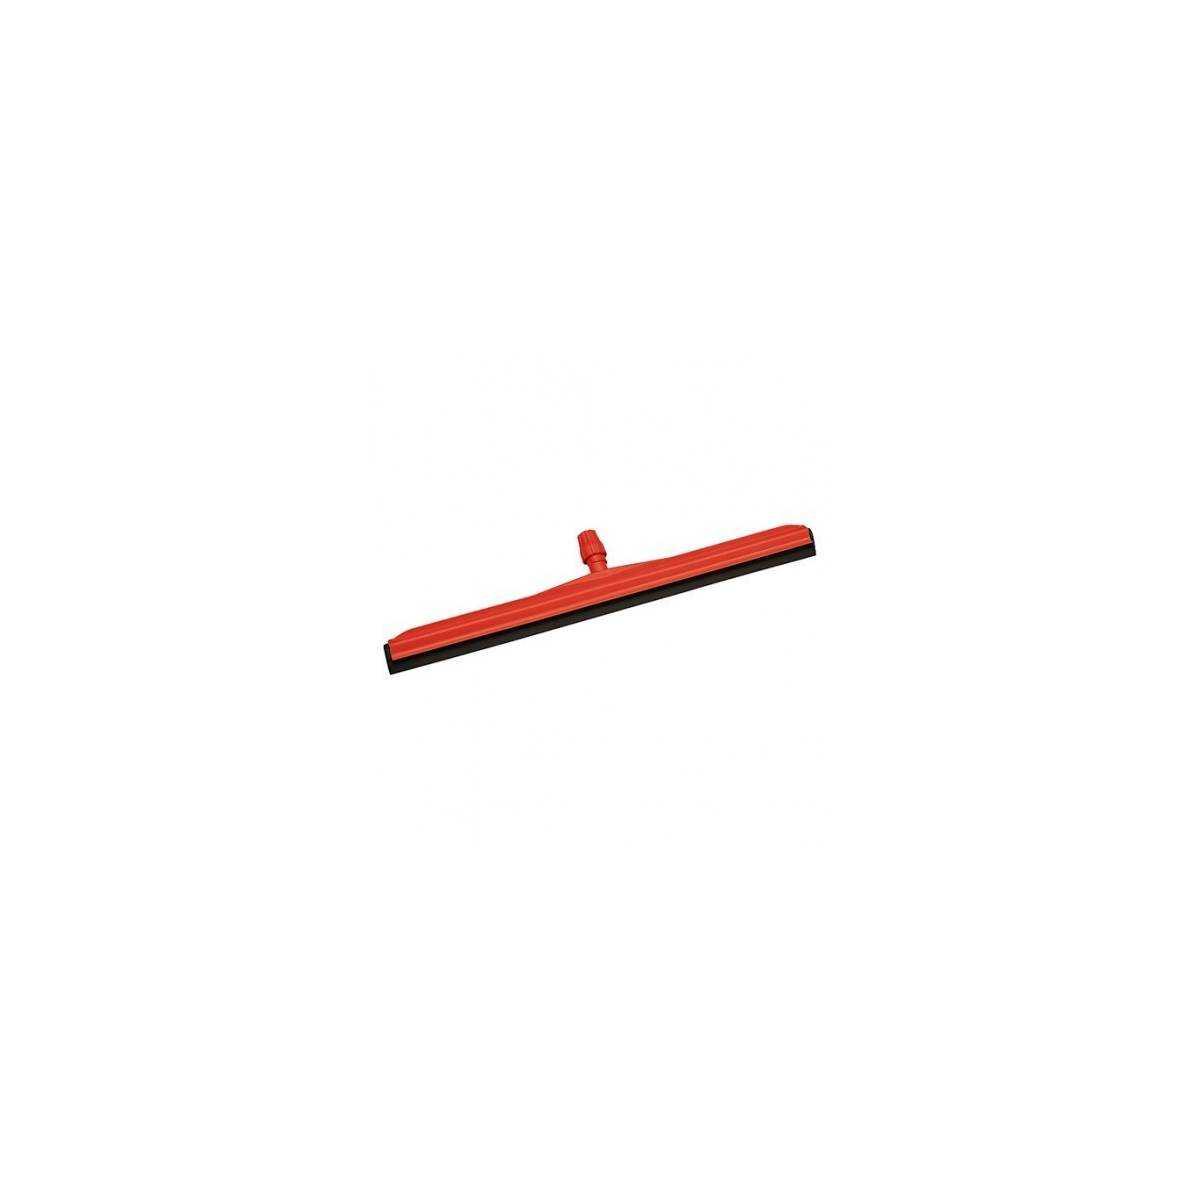 Скребок для сгона воды с пола полипропиленовый 45см (Красного цвета) 8656 TTS